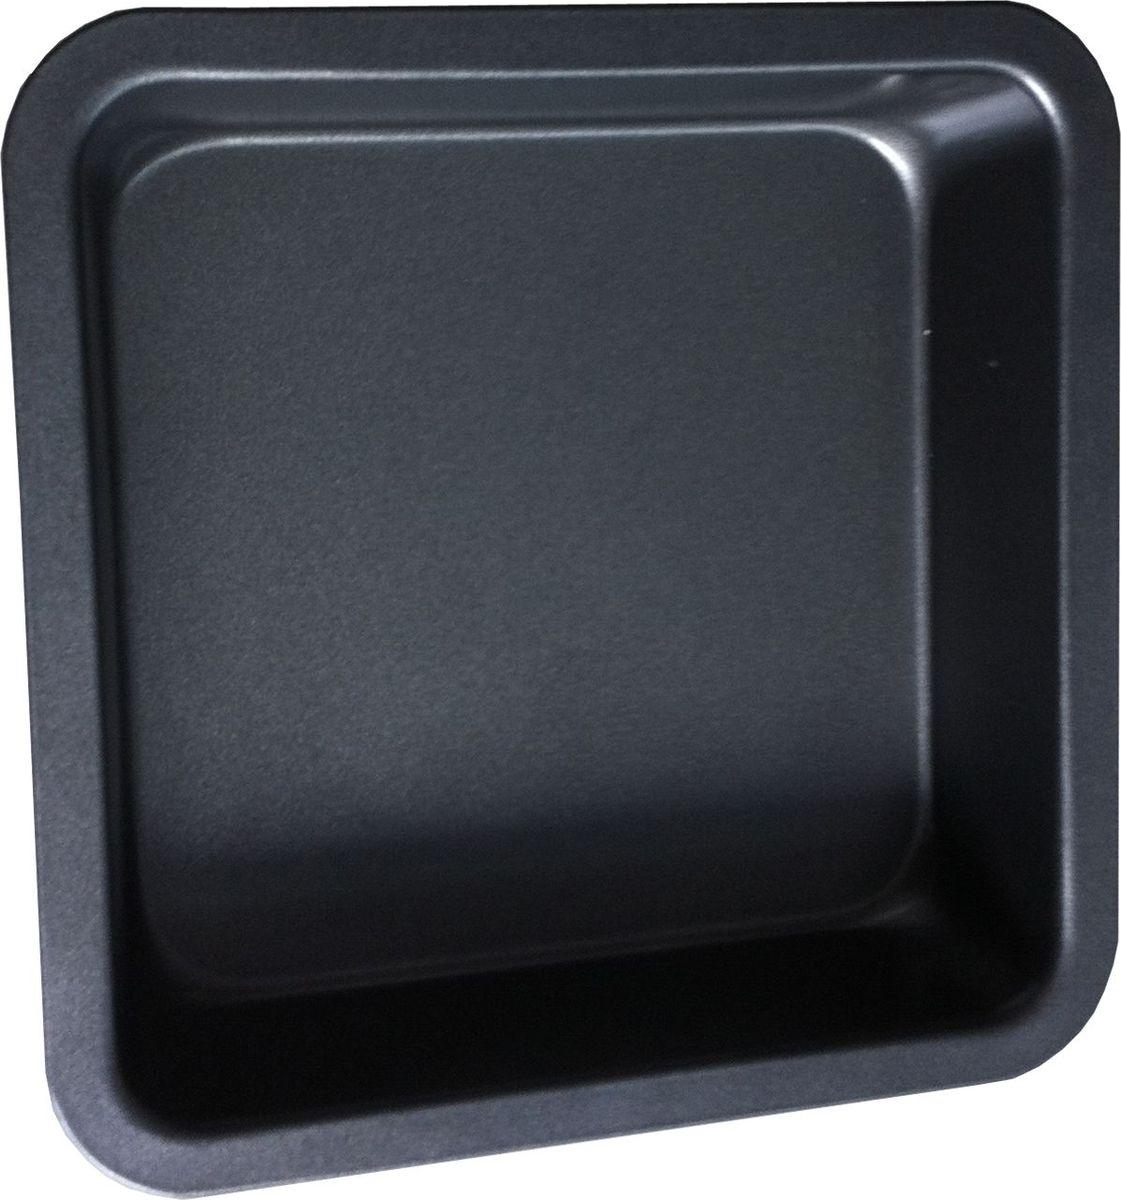 Форма для выпечки Irit, прямоугольная, цвет: черный, 22,5 х 22,5 х 4,8 смIRH-927Форма для выпечки Irit изготовлена из листового железа. Форма имеет стойкое к истиранию антипригарное покрытие GOLDFLON. Подходит для использования в газовых и электрических духовках. Можно мыть в посудомоечной машине.